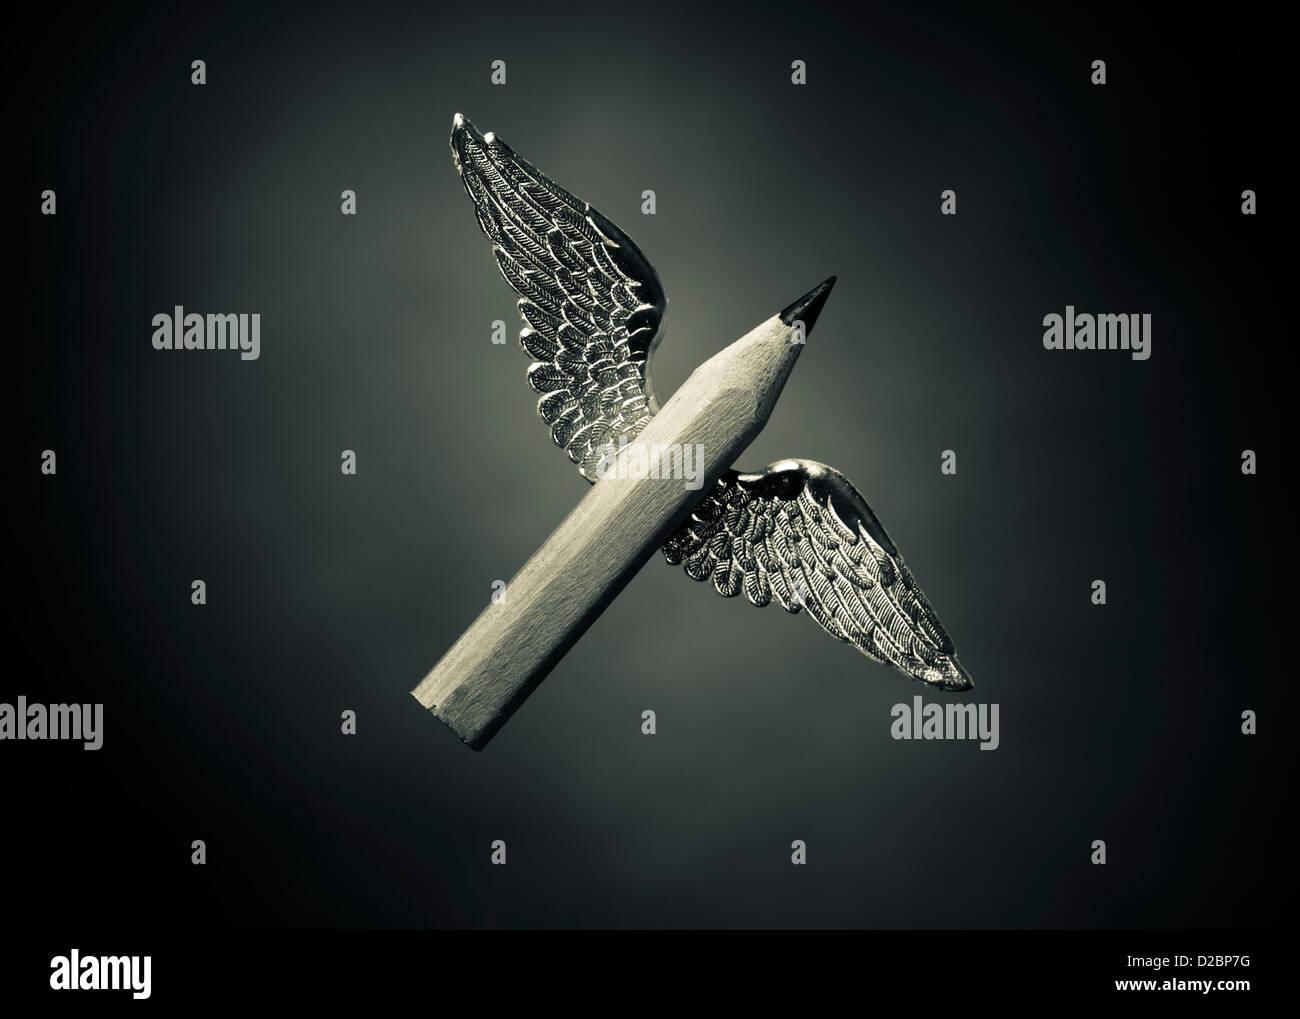 Palabras aladas - Concepto de escritura creativa. Un lápiz corto con alas. Imagen De Stock